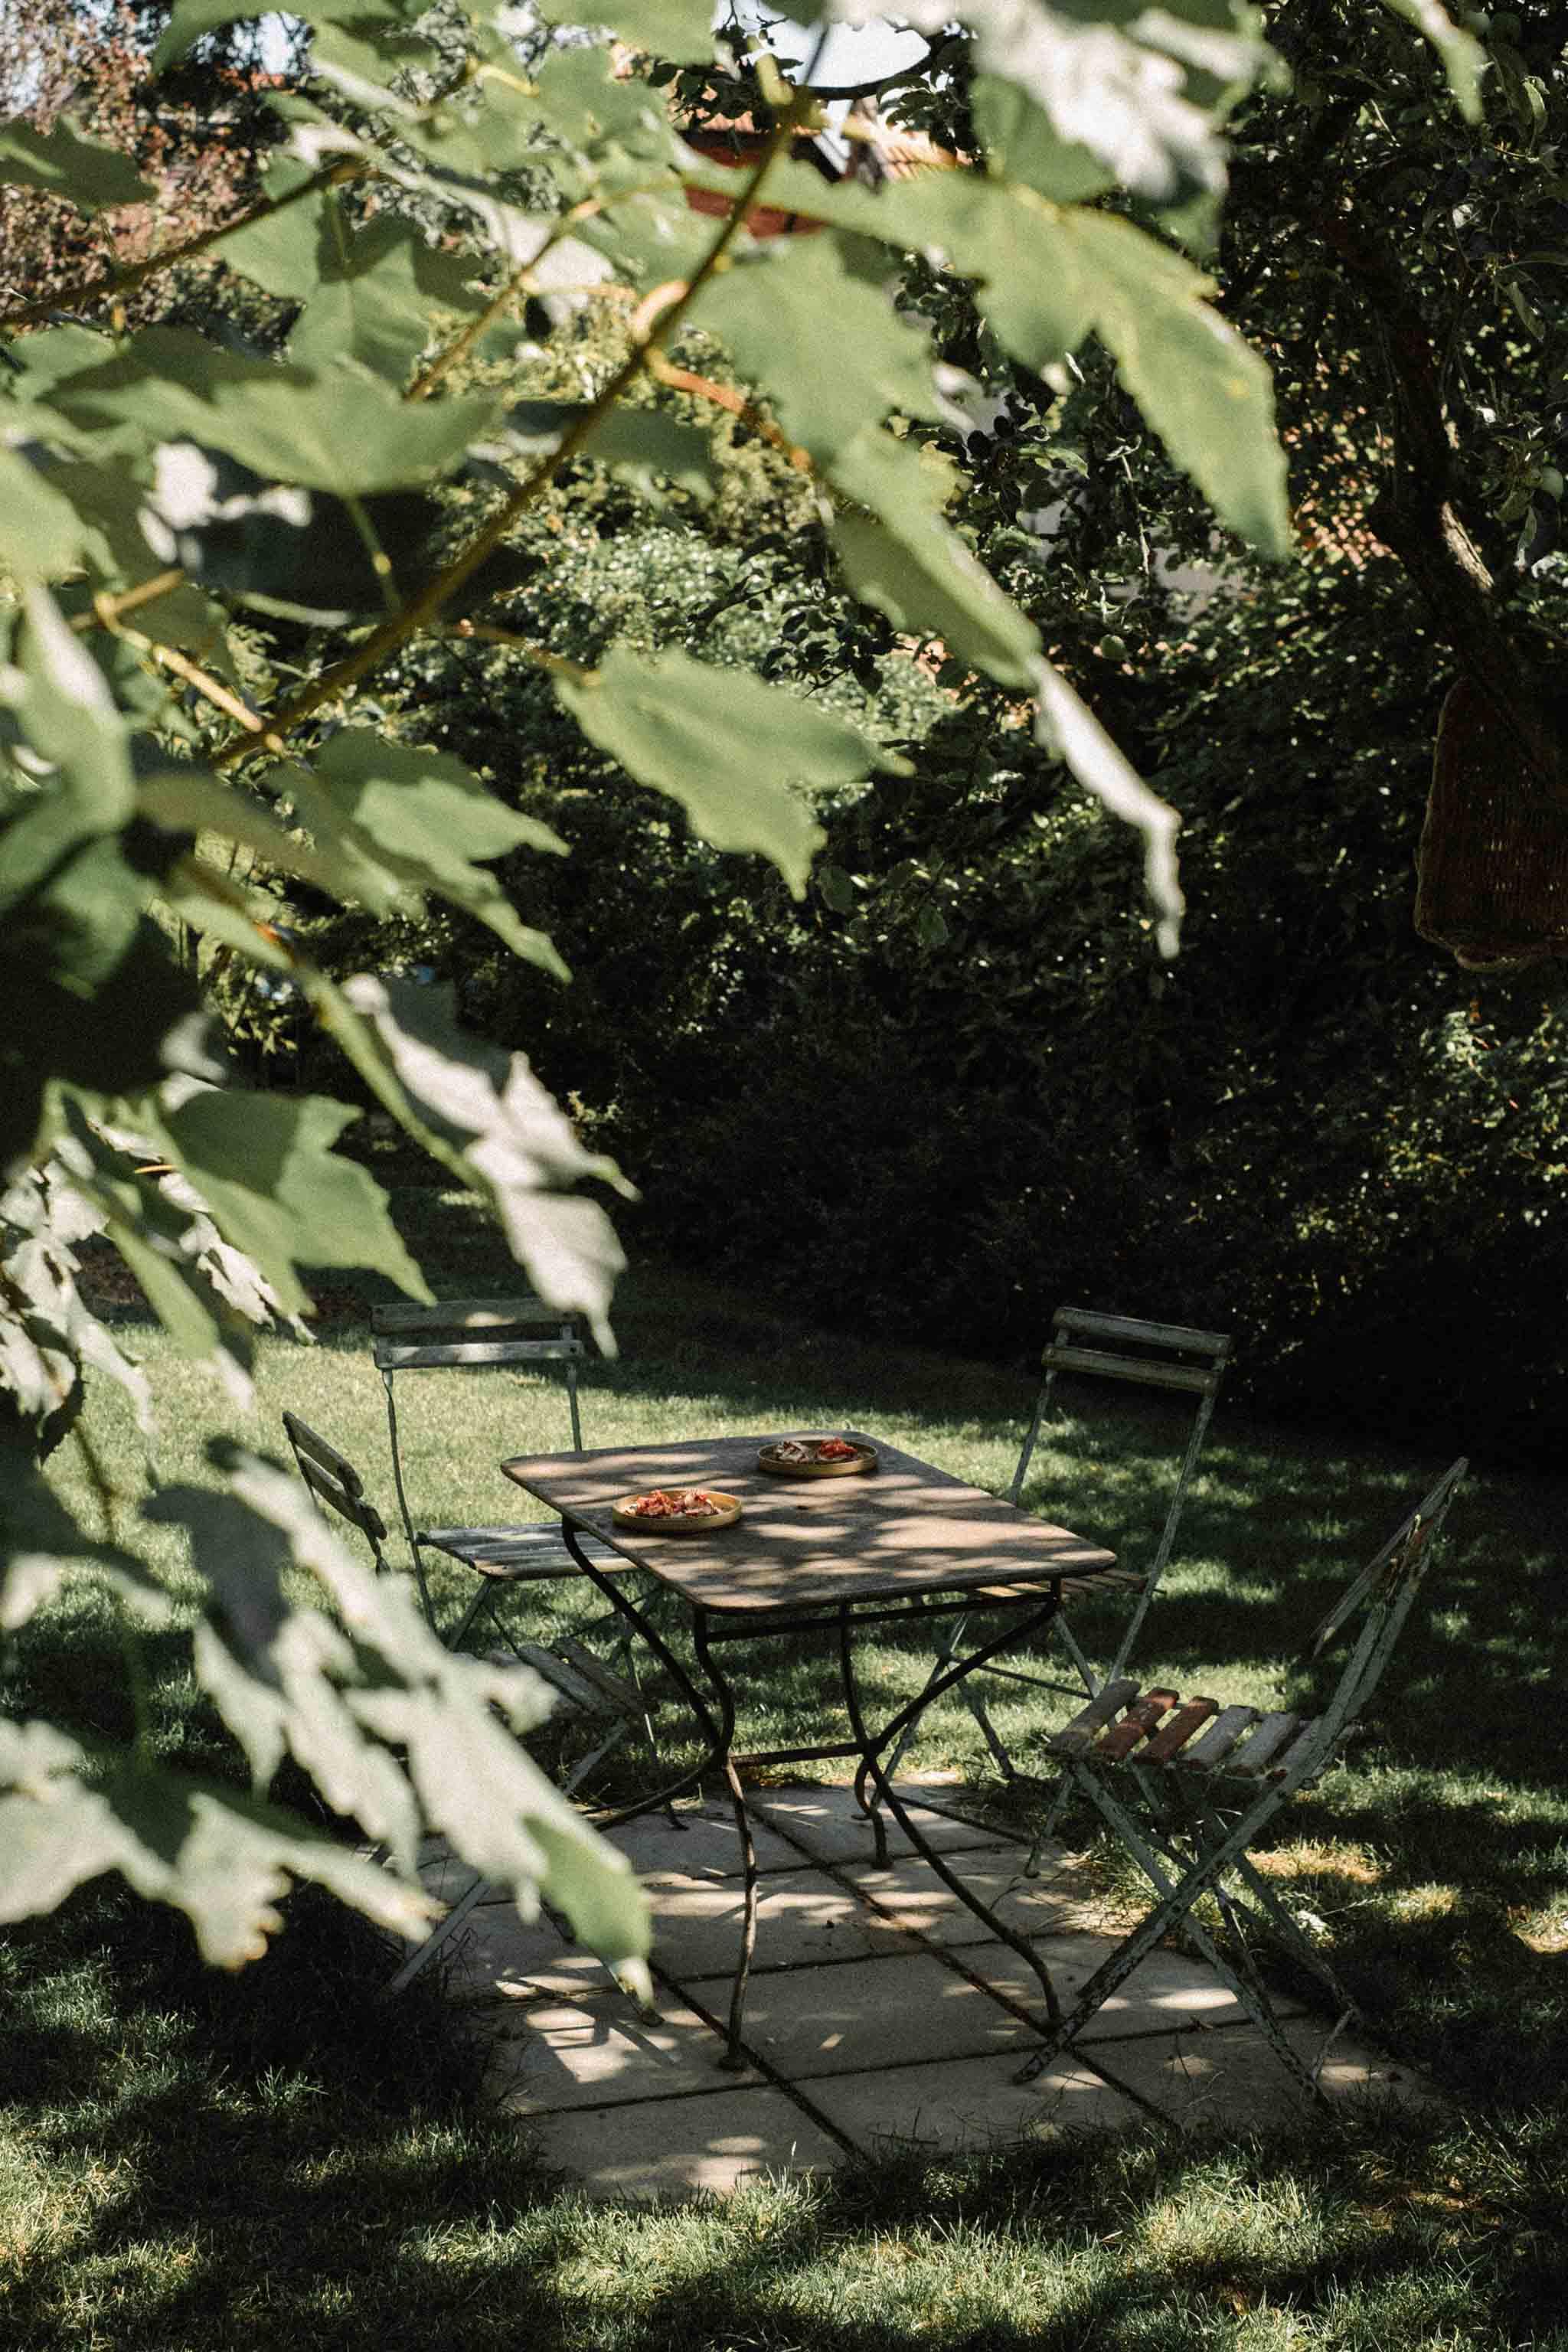 louiseskadhauge-maisonlouno-andreasham-DSCF1069.jpg